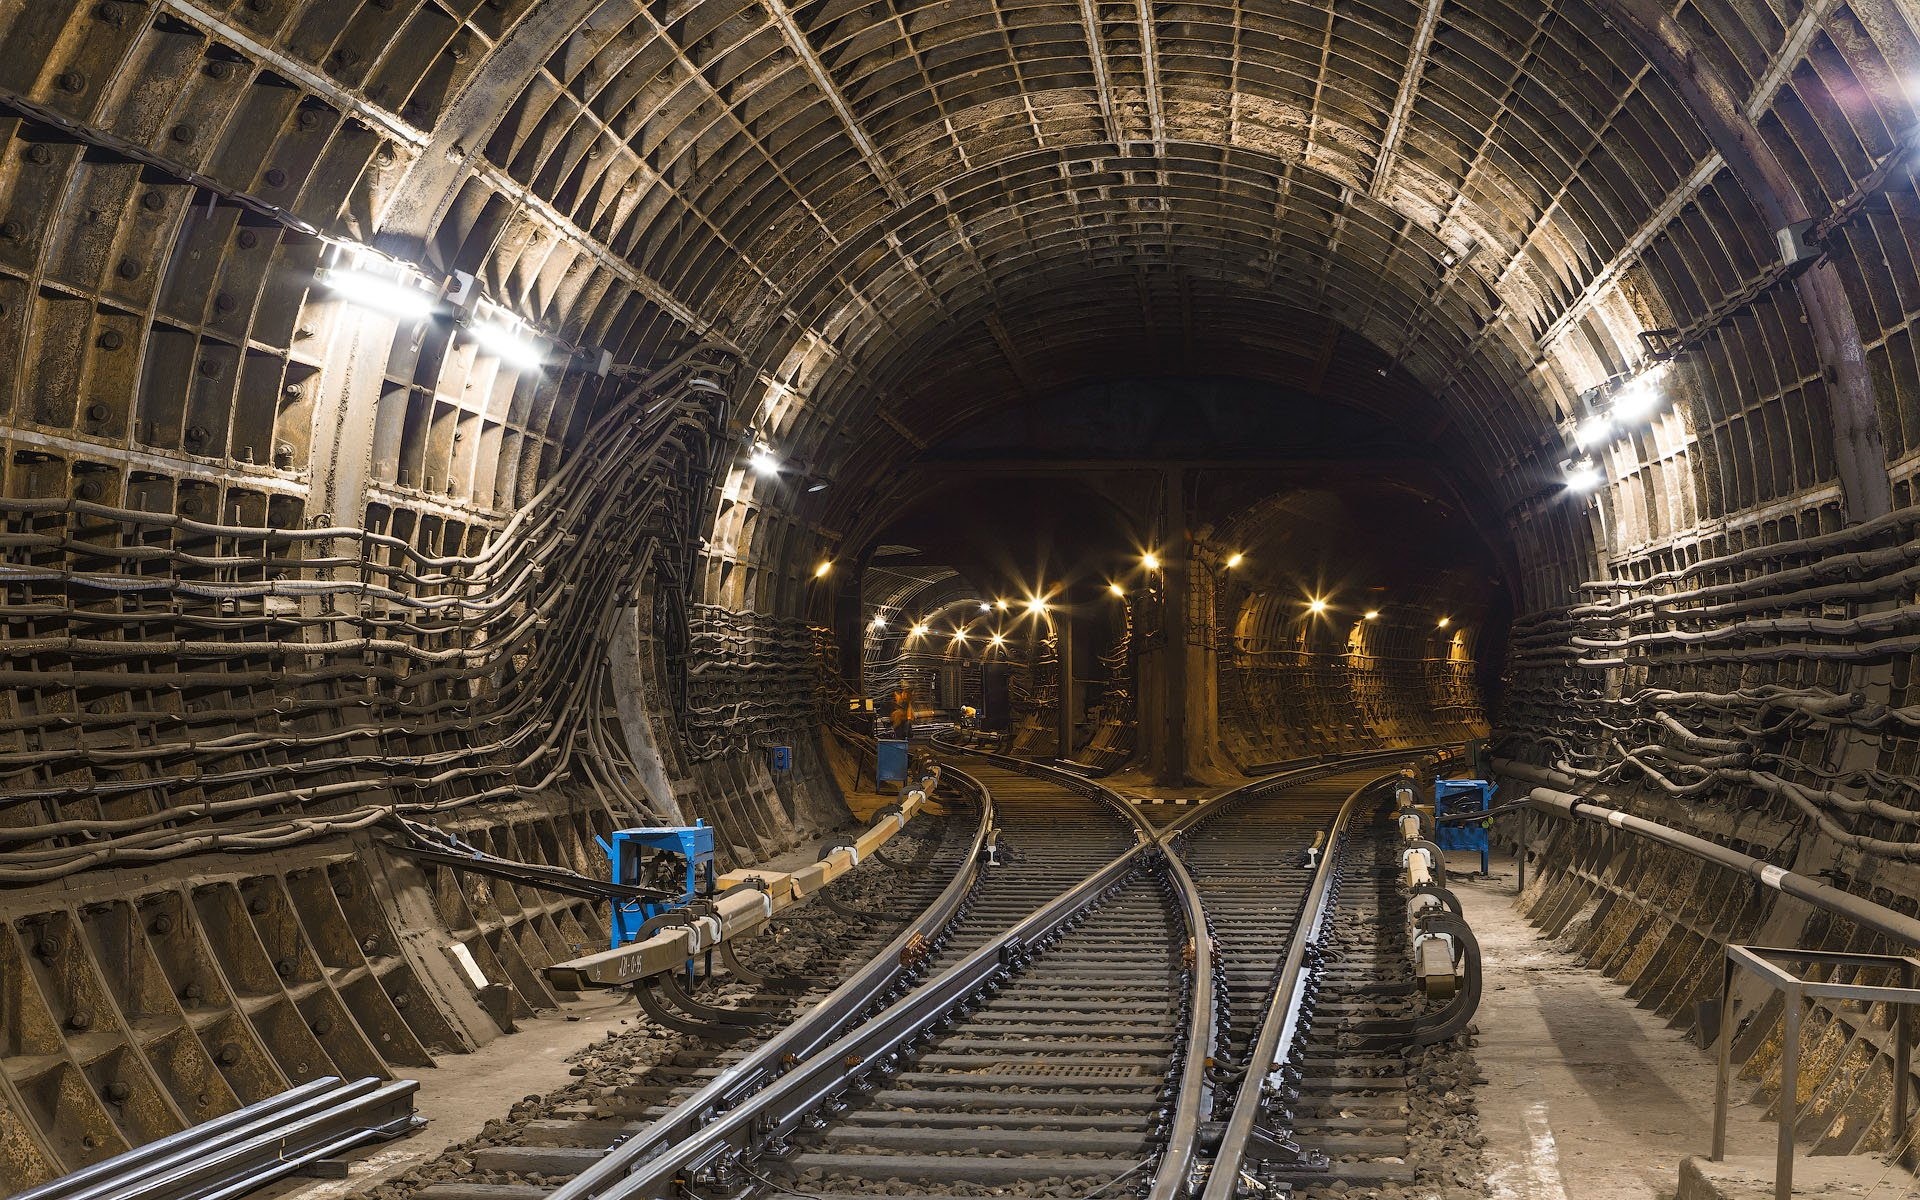 «Ингеоком» предлагает лучшую цену настроительство новых участков метро в столице России